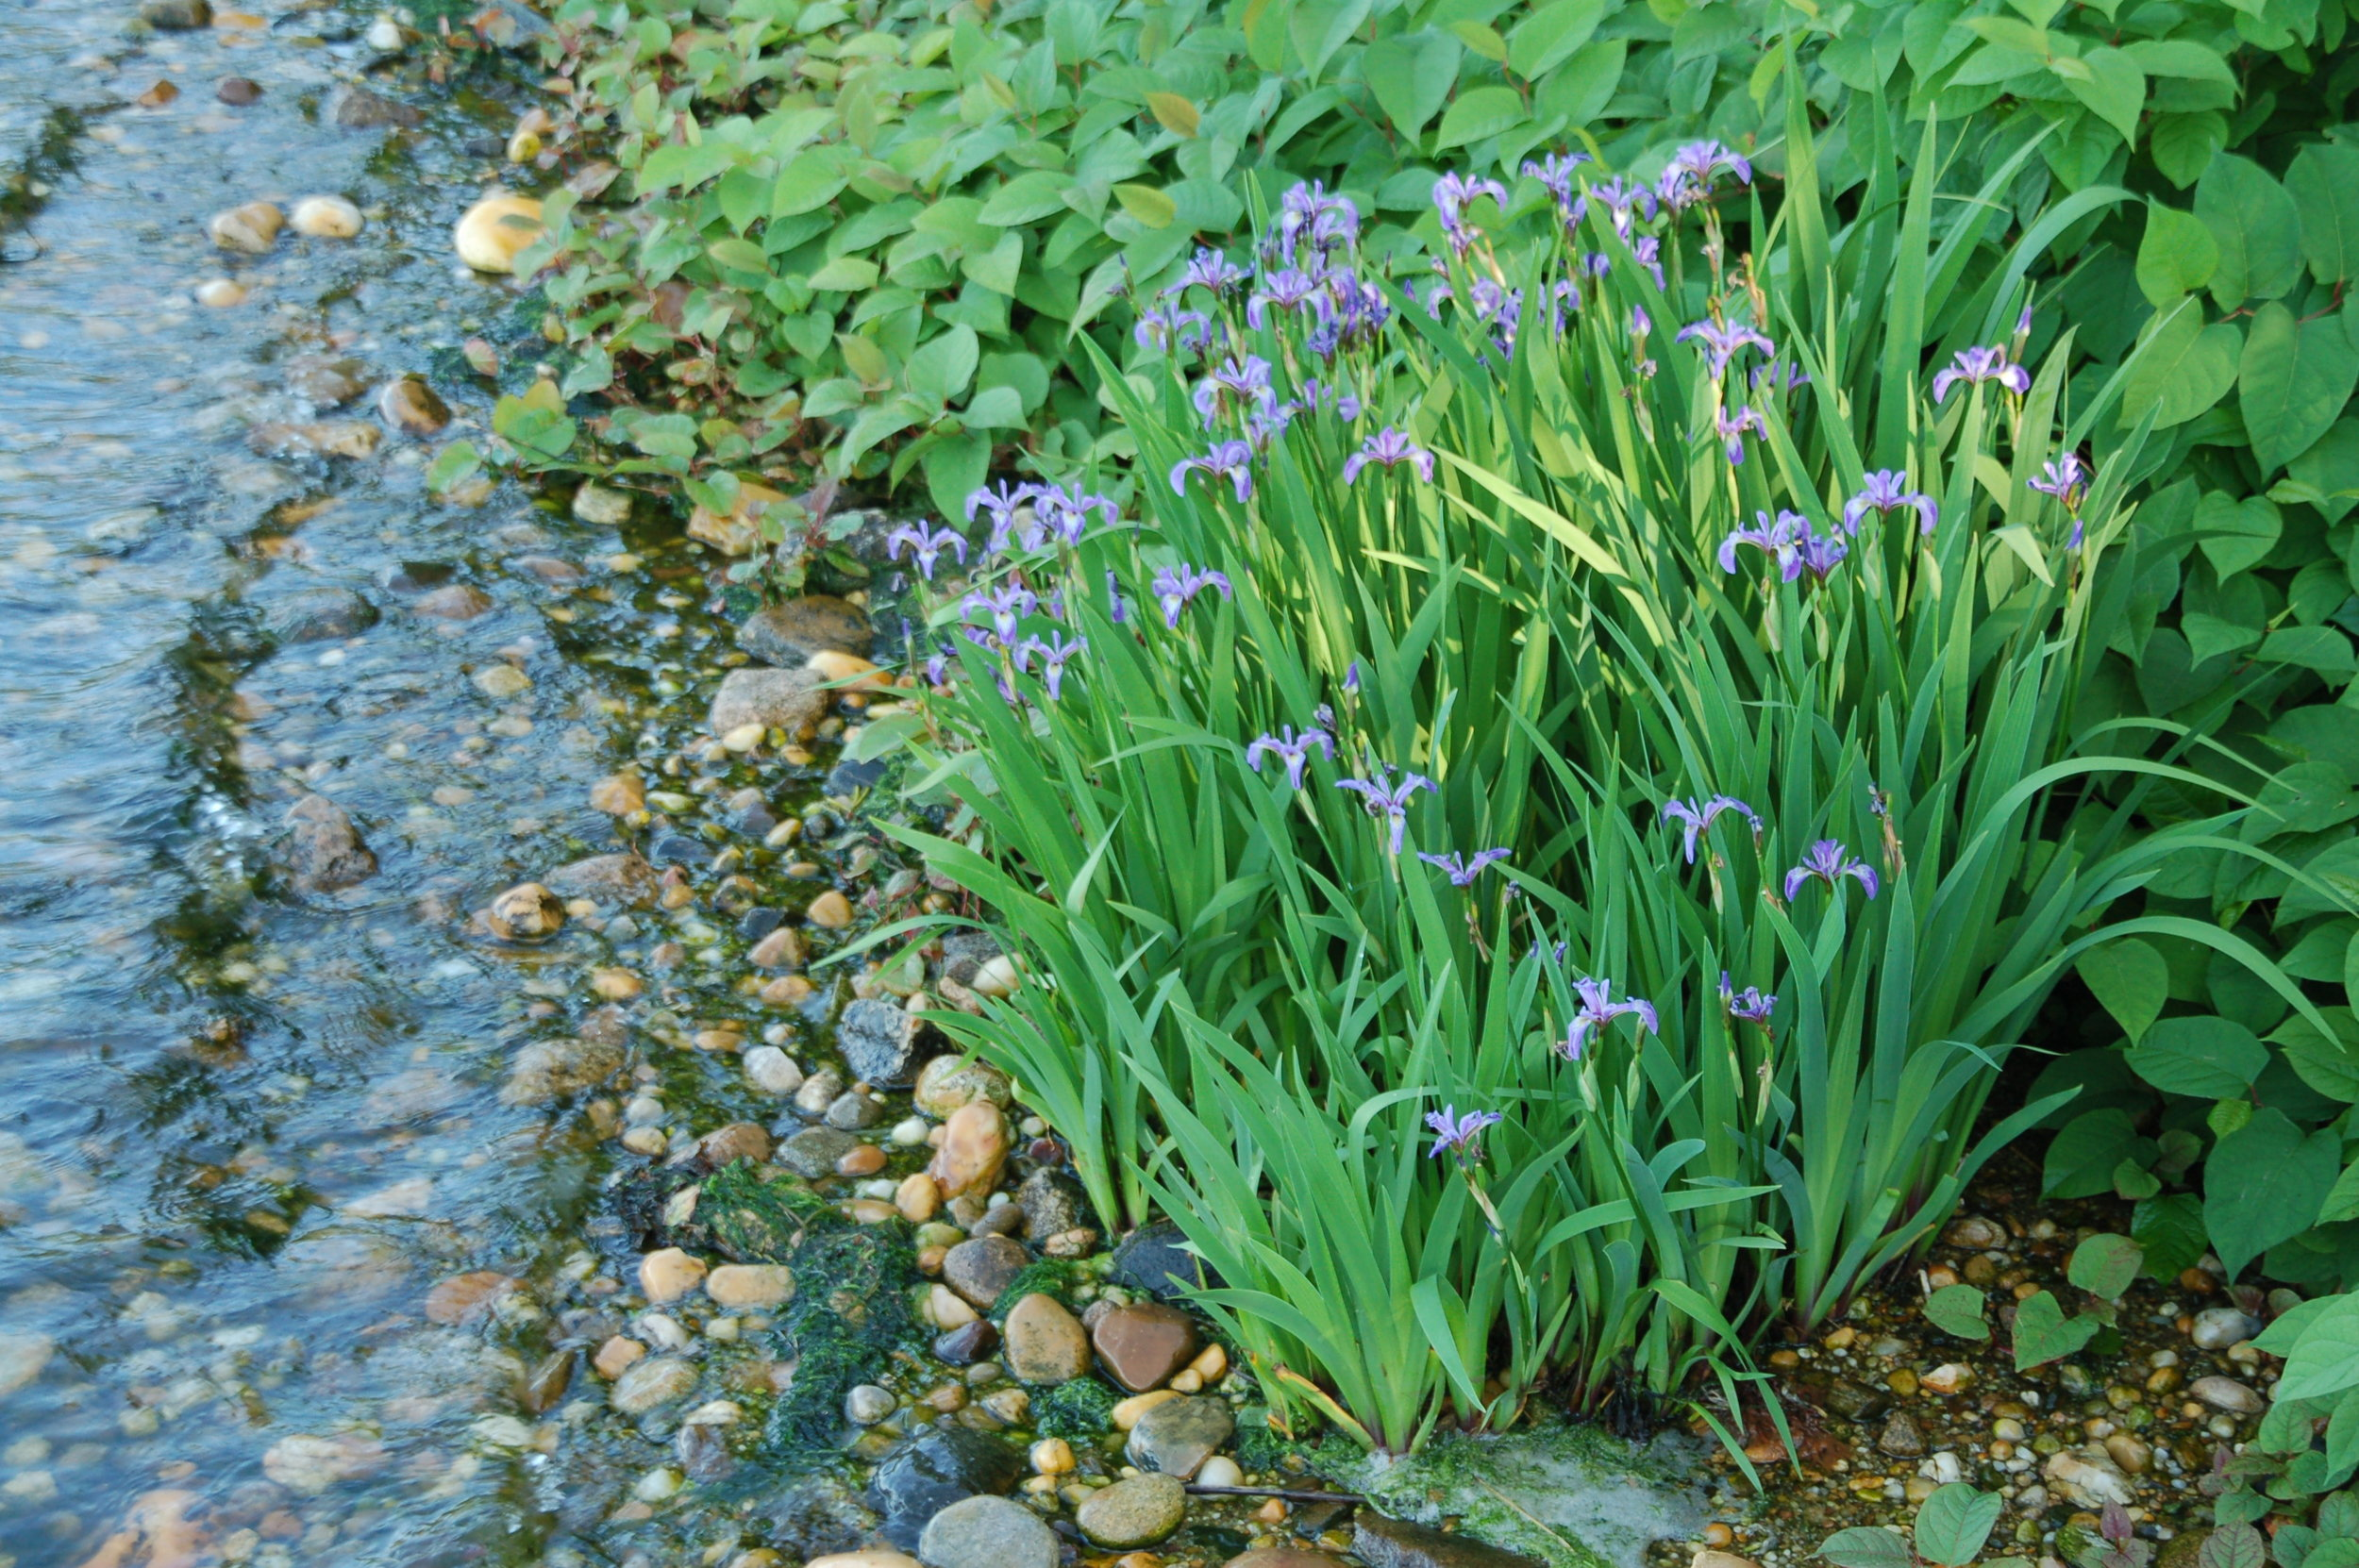 Iris growing in the fresh water springs off Three Mile Harbor.